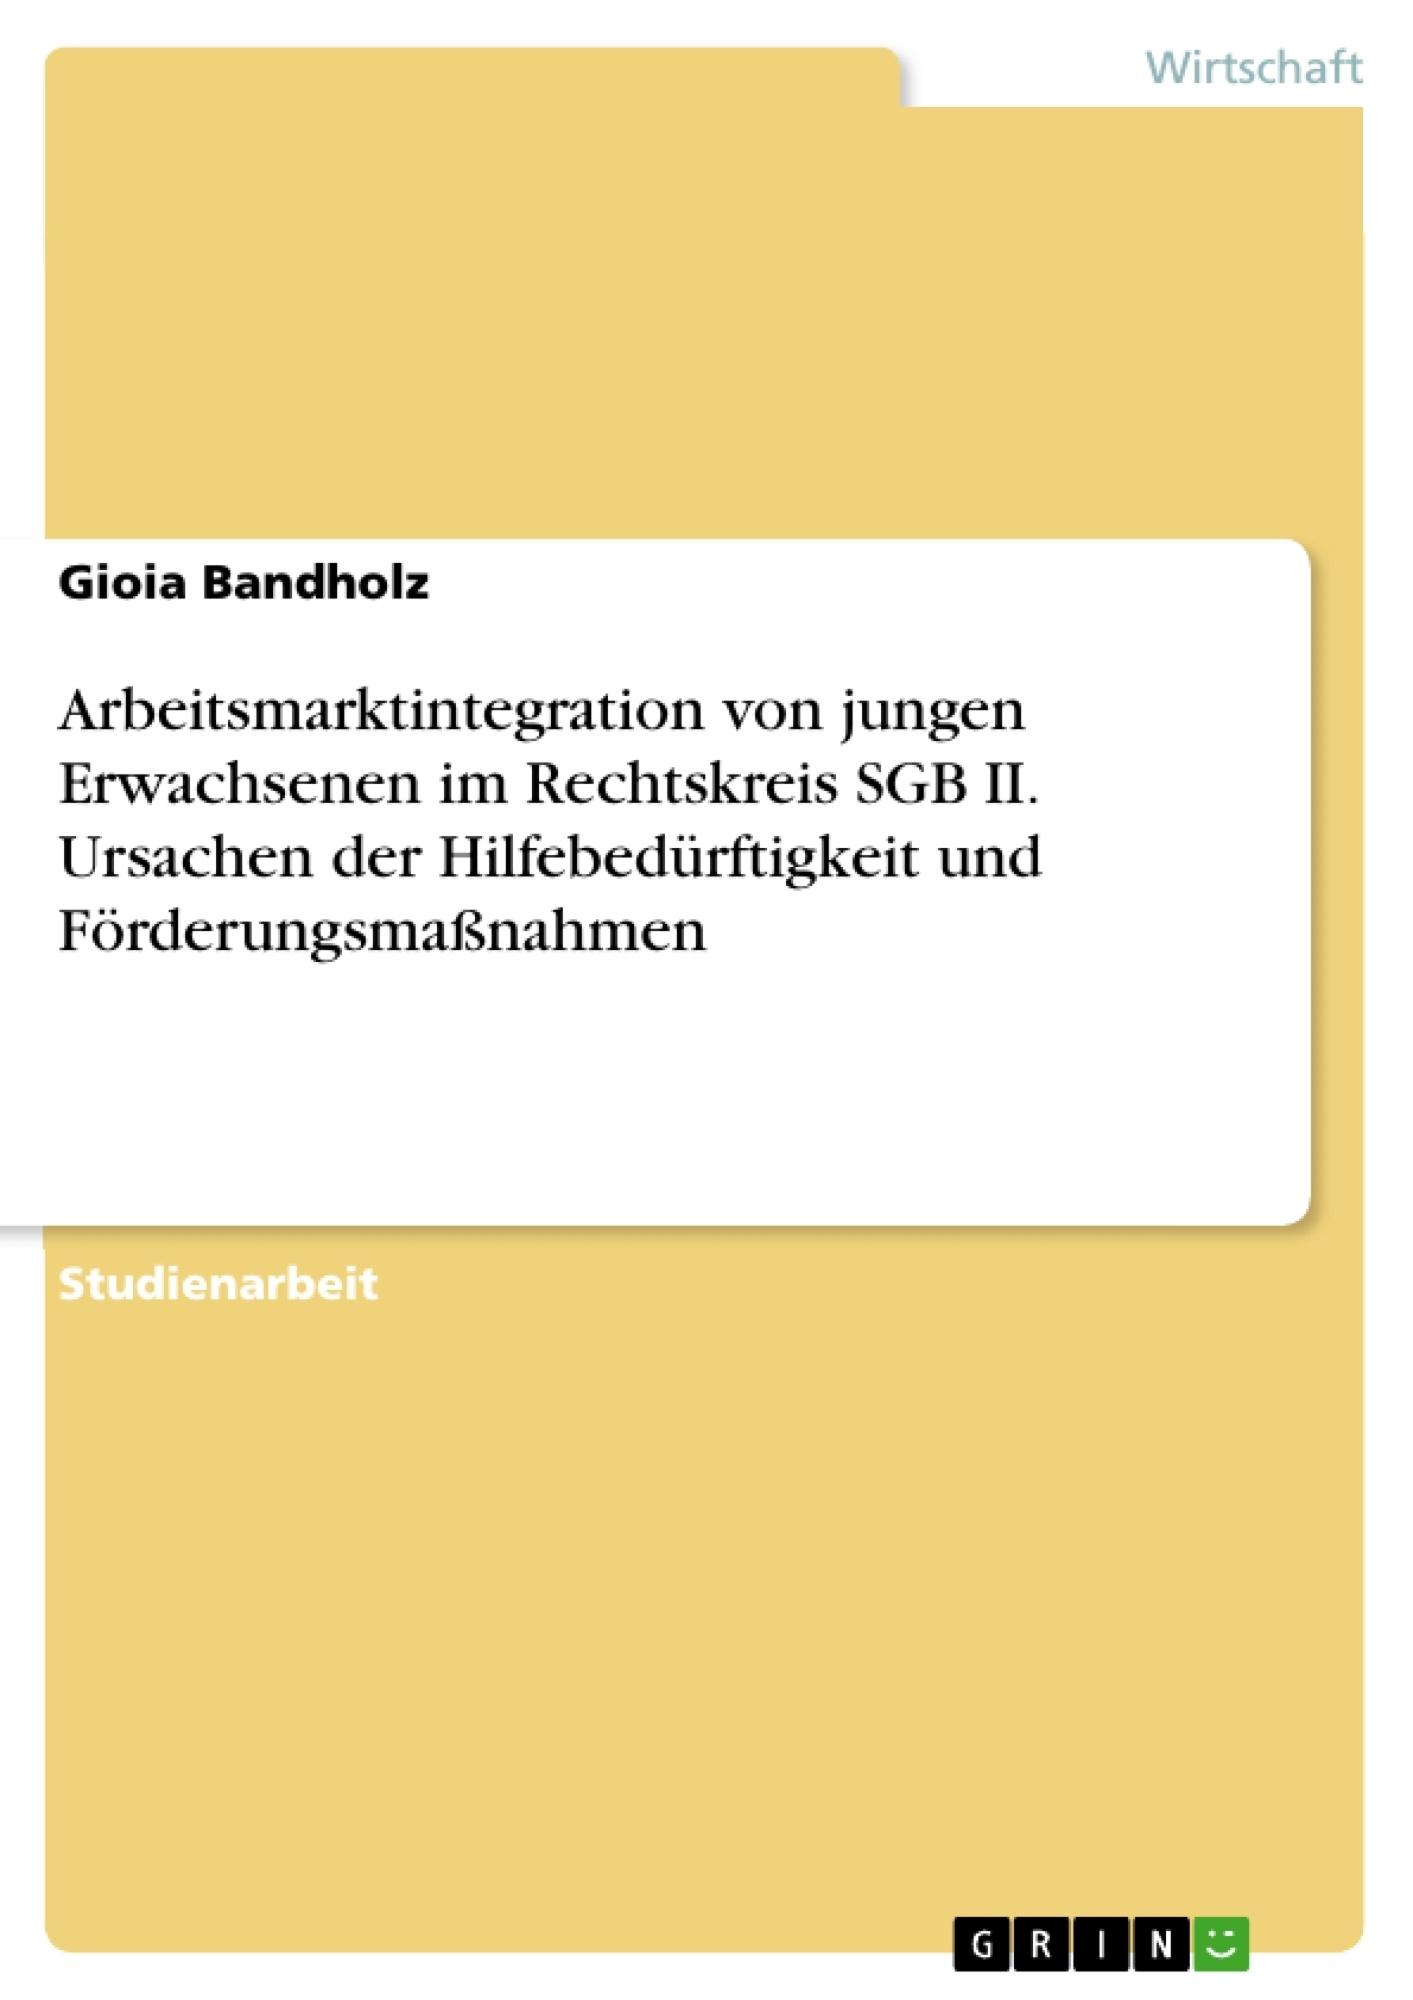 Titel: Arbeitsmarktintegration von jungen Erwachsenen im Rechtskreis SGB II. Ursachen der Hilfebedürftigkeit und Förderungsmaßnahmen